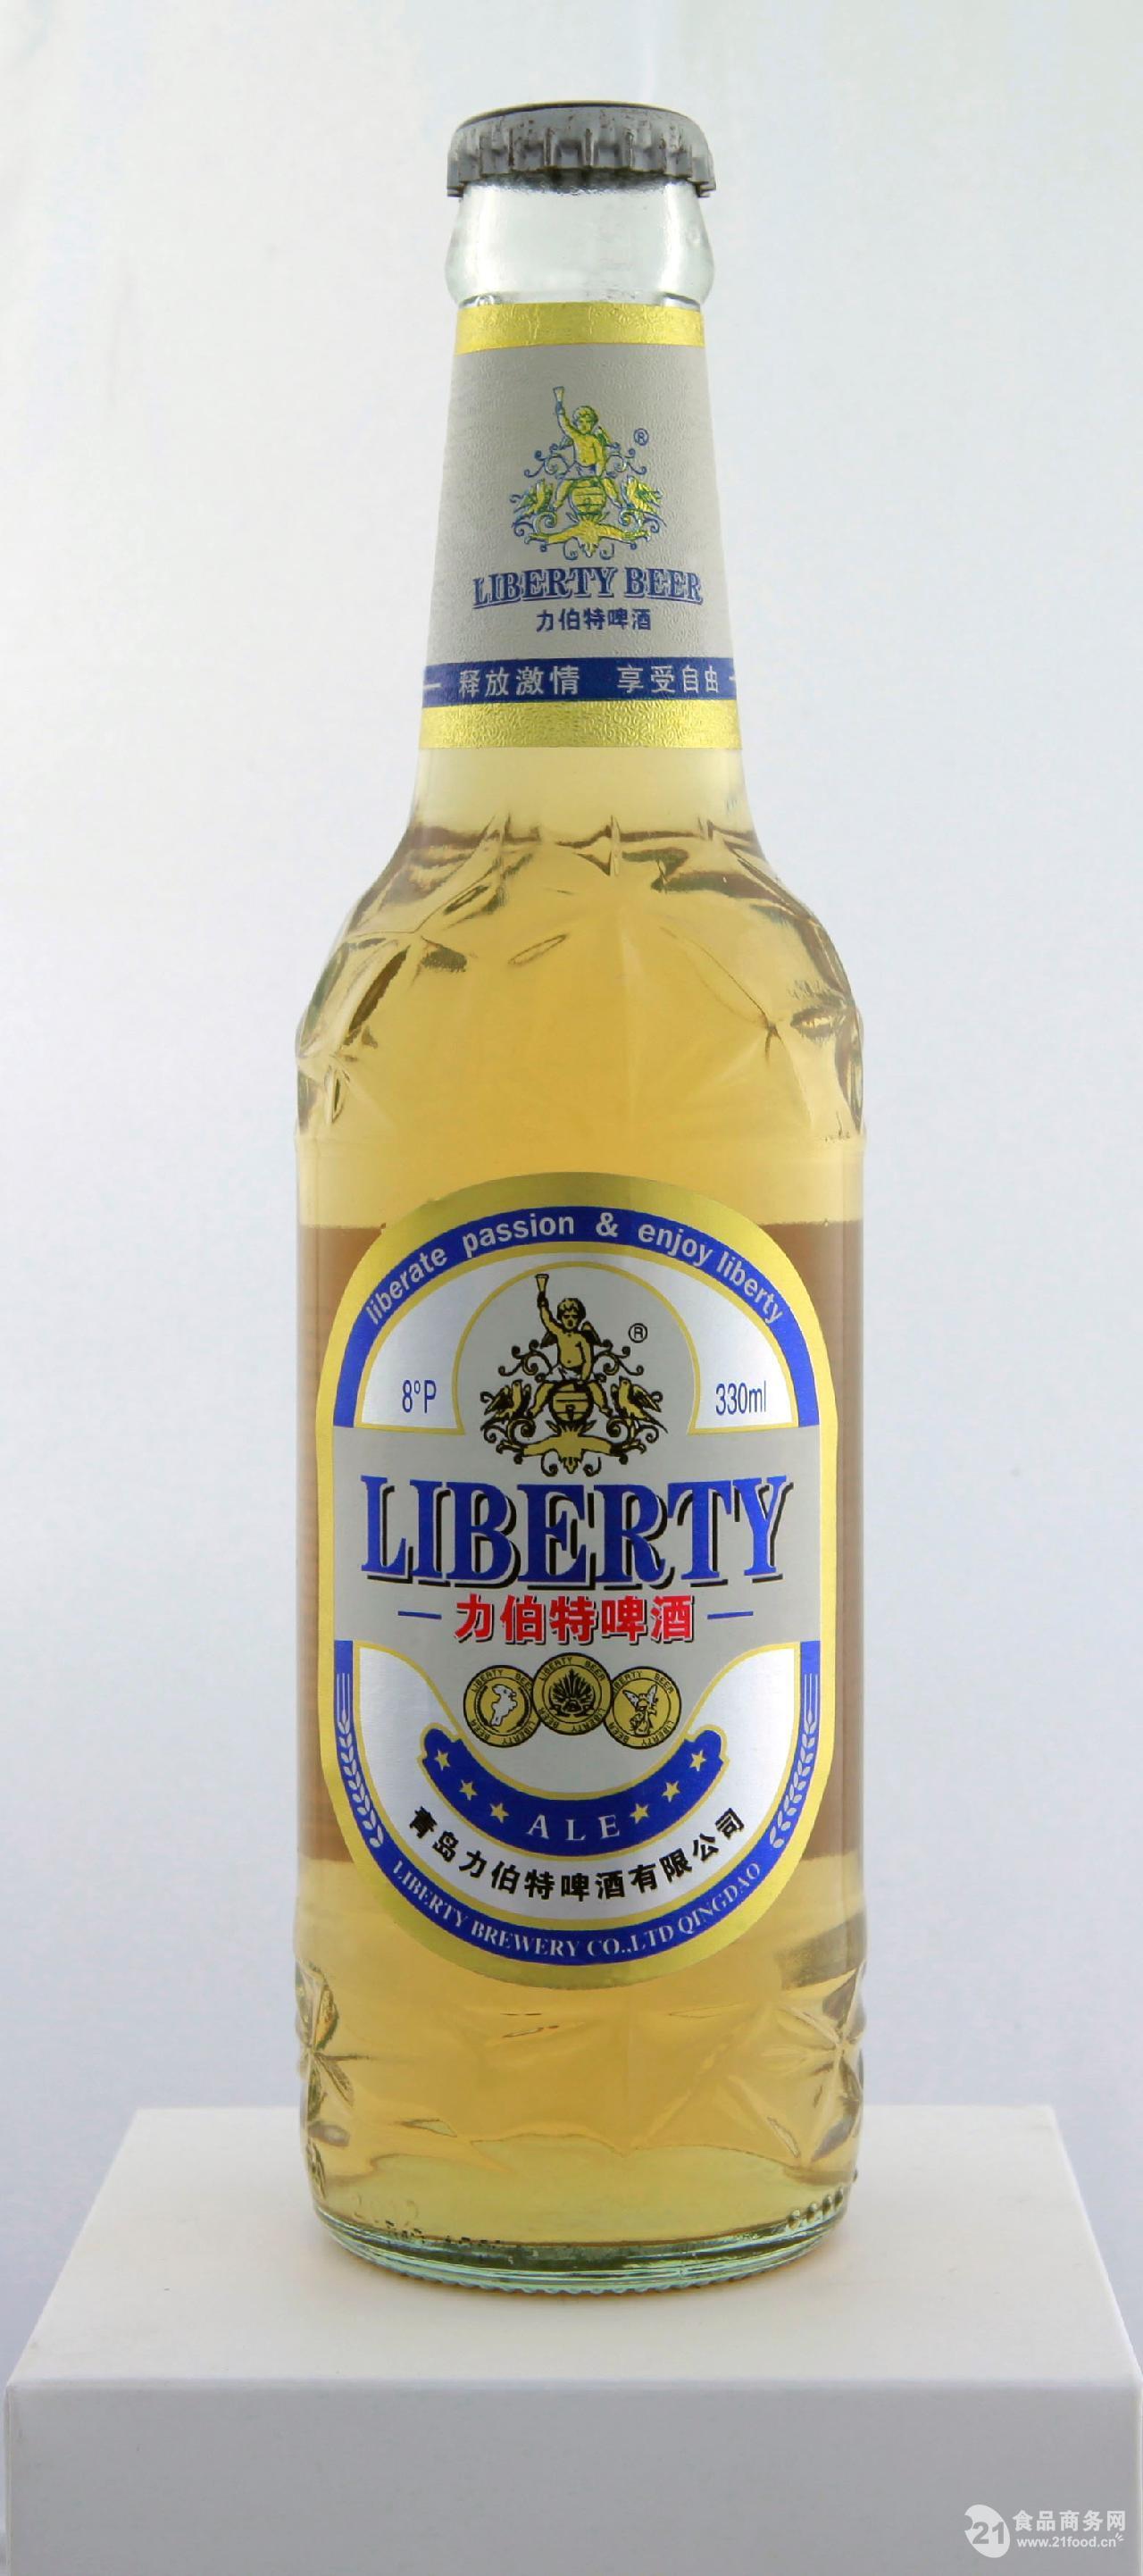 4、青岛力伯特与德国海德堡啤酒倾力合作,打造中国的德国啤酒。德国工艺技术,中国本土生产,采用上好泉水,优质大麦,为国人提供德国口味的啤酒,又降低了消费成本! 青岛力伯特啤酒有限公司是一家主营精品小瓶啤酒,兼营普通拉罐与大瓶啤酒的生产销售一体化企业。公司于2002年11月18日成立于美丽的海滨城市青岛,致力于为消费者奉献高质量精品啤酒,目前拥有LIBERTY、 力伯特等多个注册商标,高效灵活的营销网络覆盖全国。 力伯特取自英文liberty自由之意,抓住现在消费者时尚、个性的消费心理,突出释放激